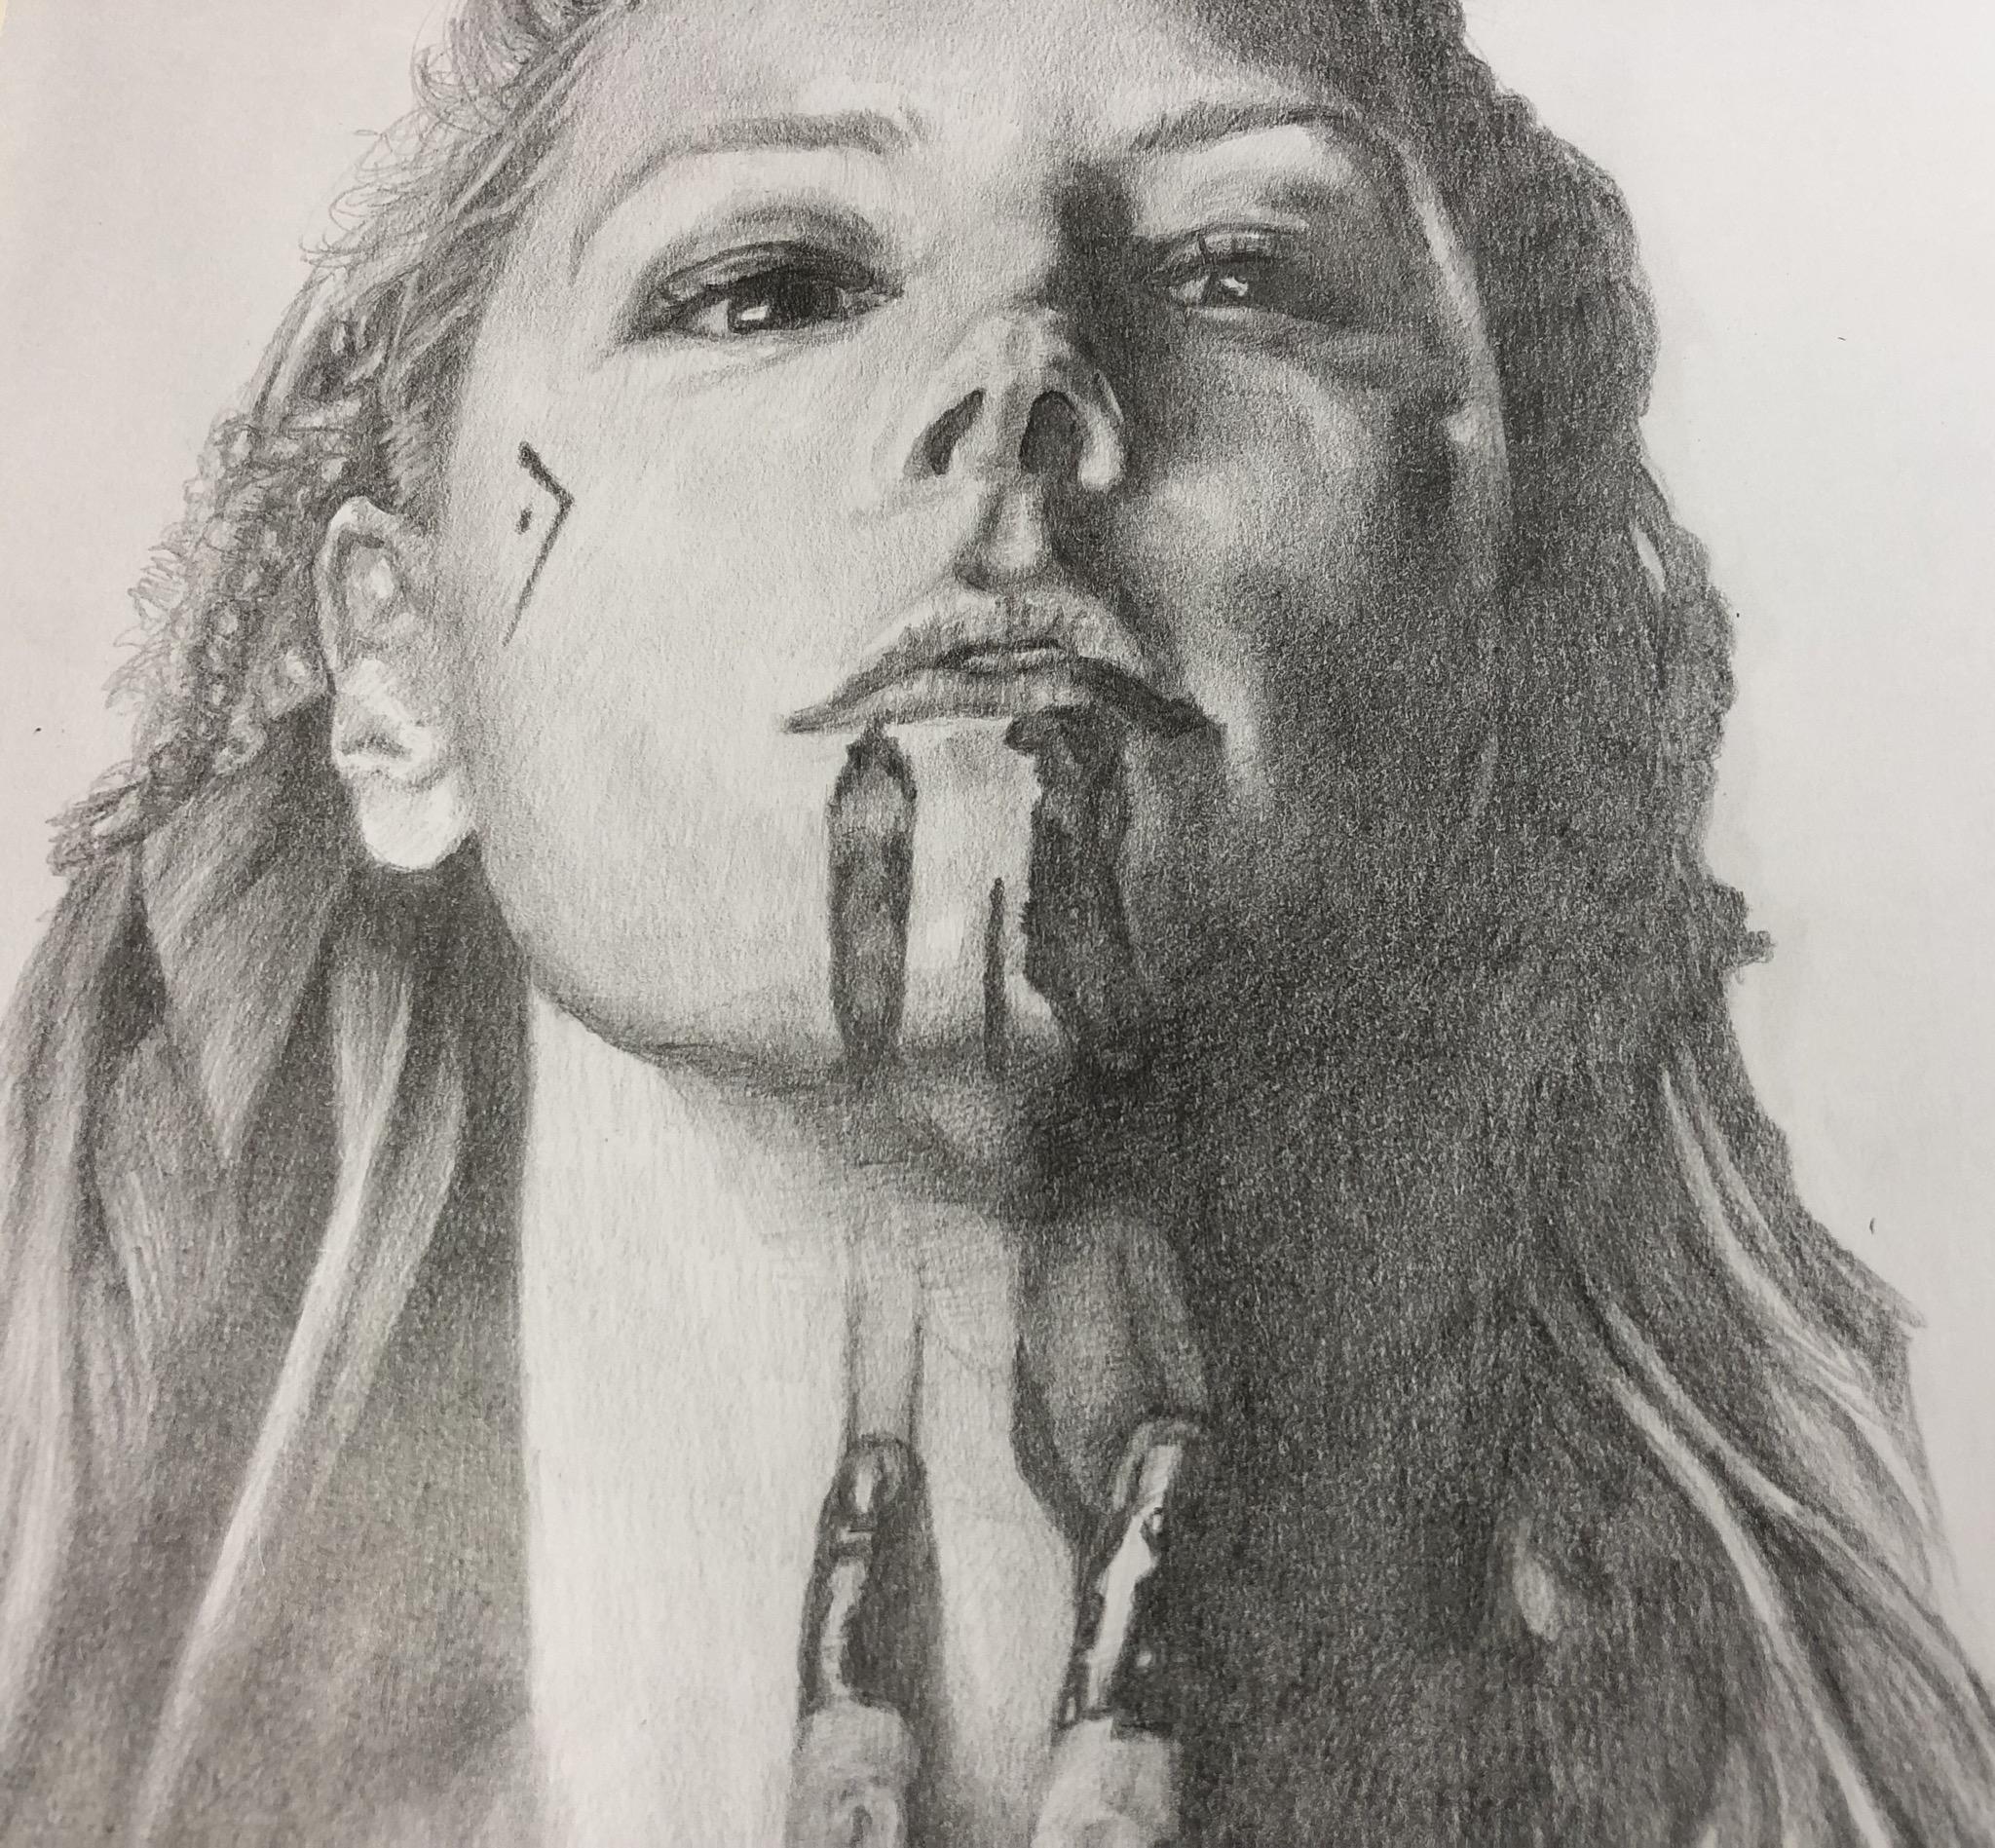 Lagertha 粉丝 art